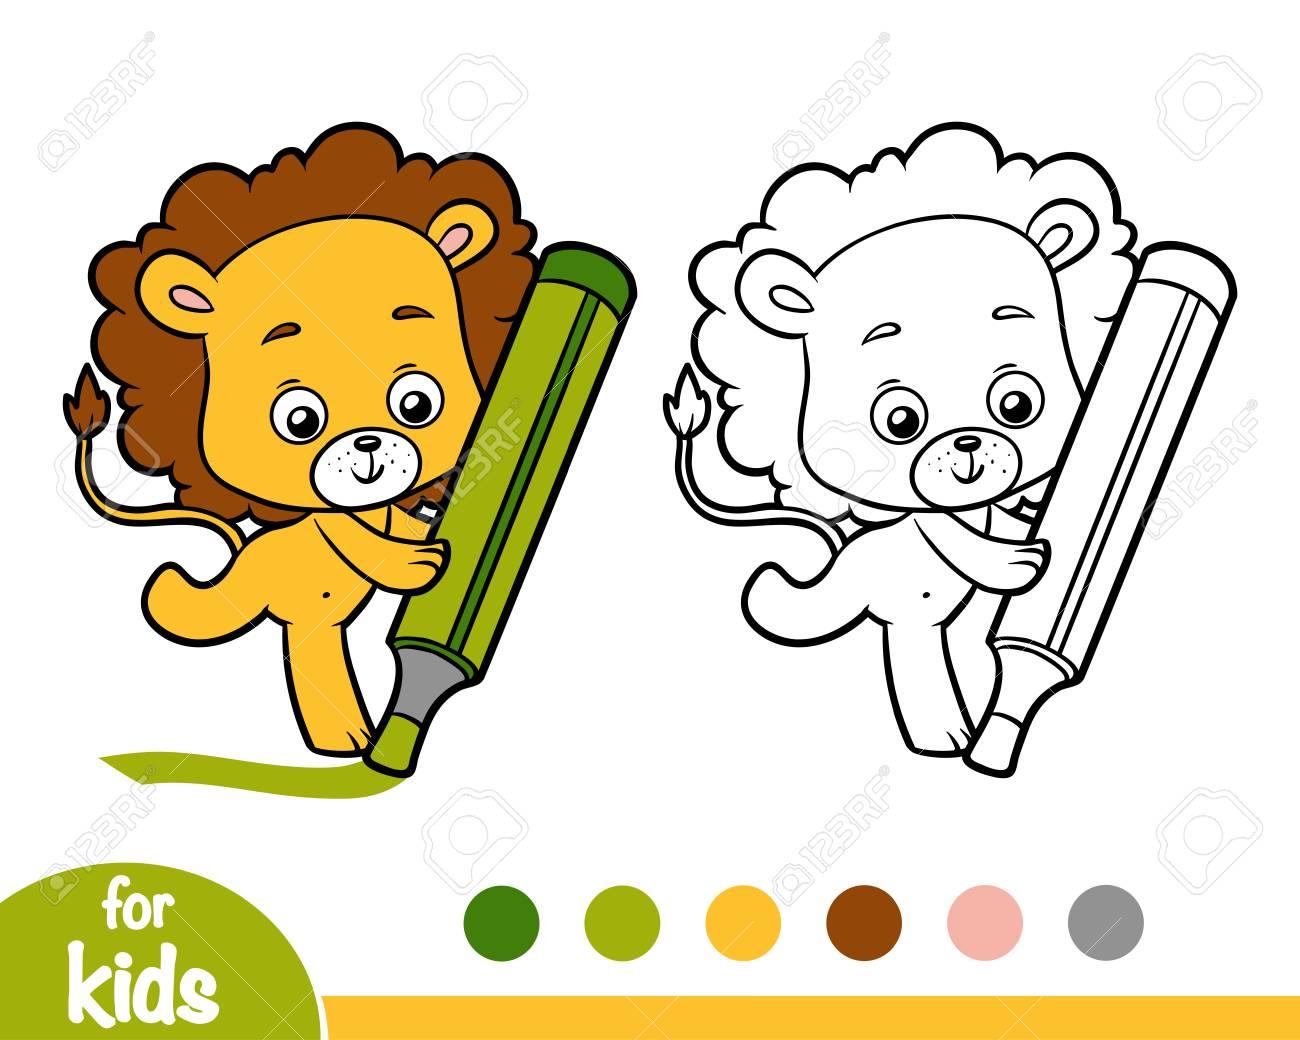 Dibujo Para Colorear Para Niños León Ilustraciones Vectoriales